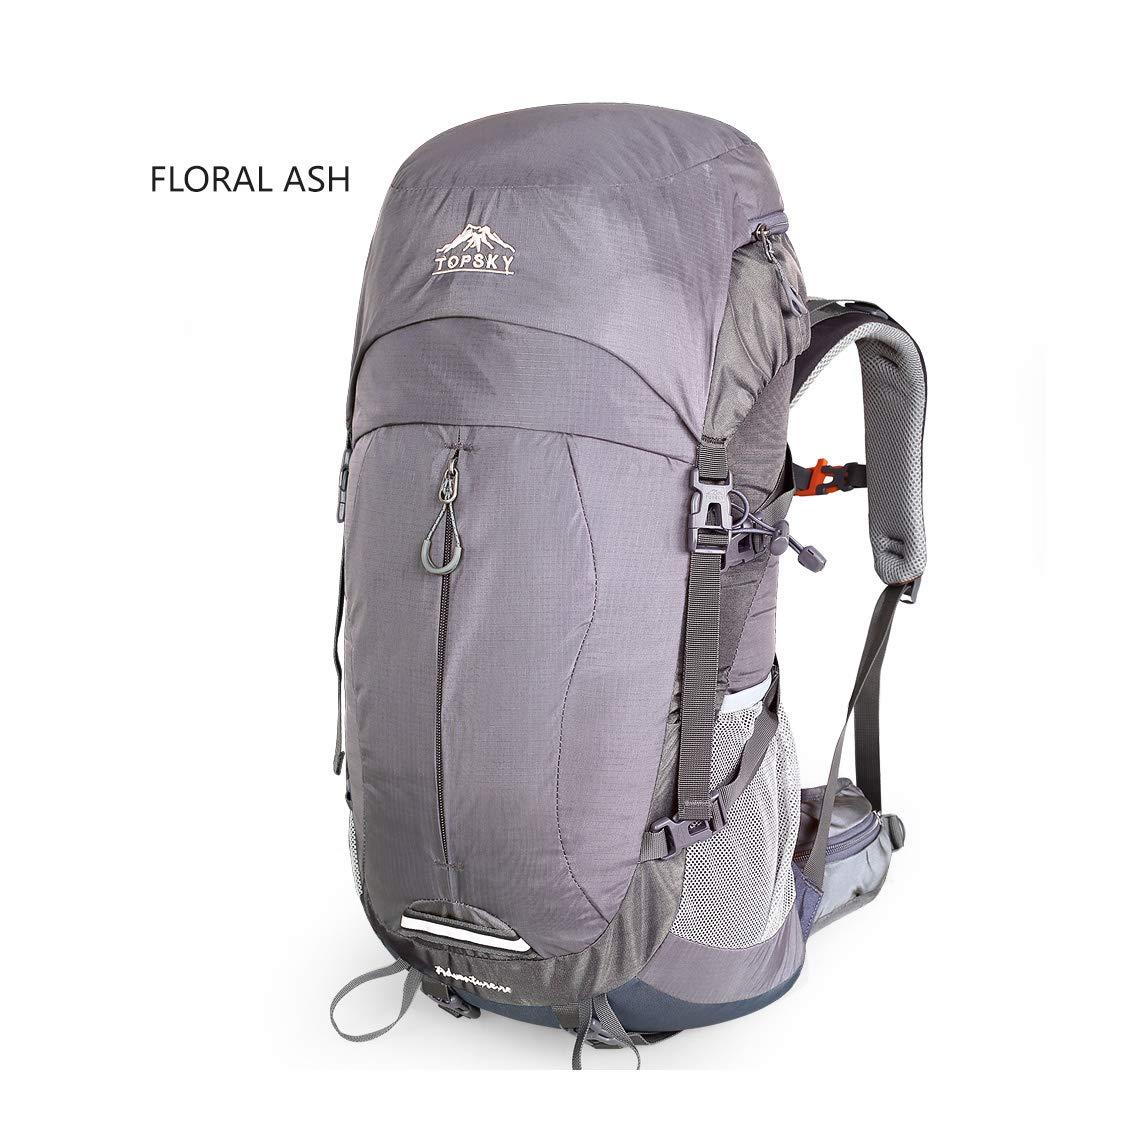 Langlebige Outdoor-Wandertasche für den Bergsport leichte Cross-Country-Schultertasche mit Regenschutz für bequemes Tragen und geringes Gewicht - Nettogewicht von 40L über 0,93 kg